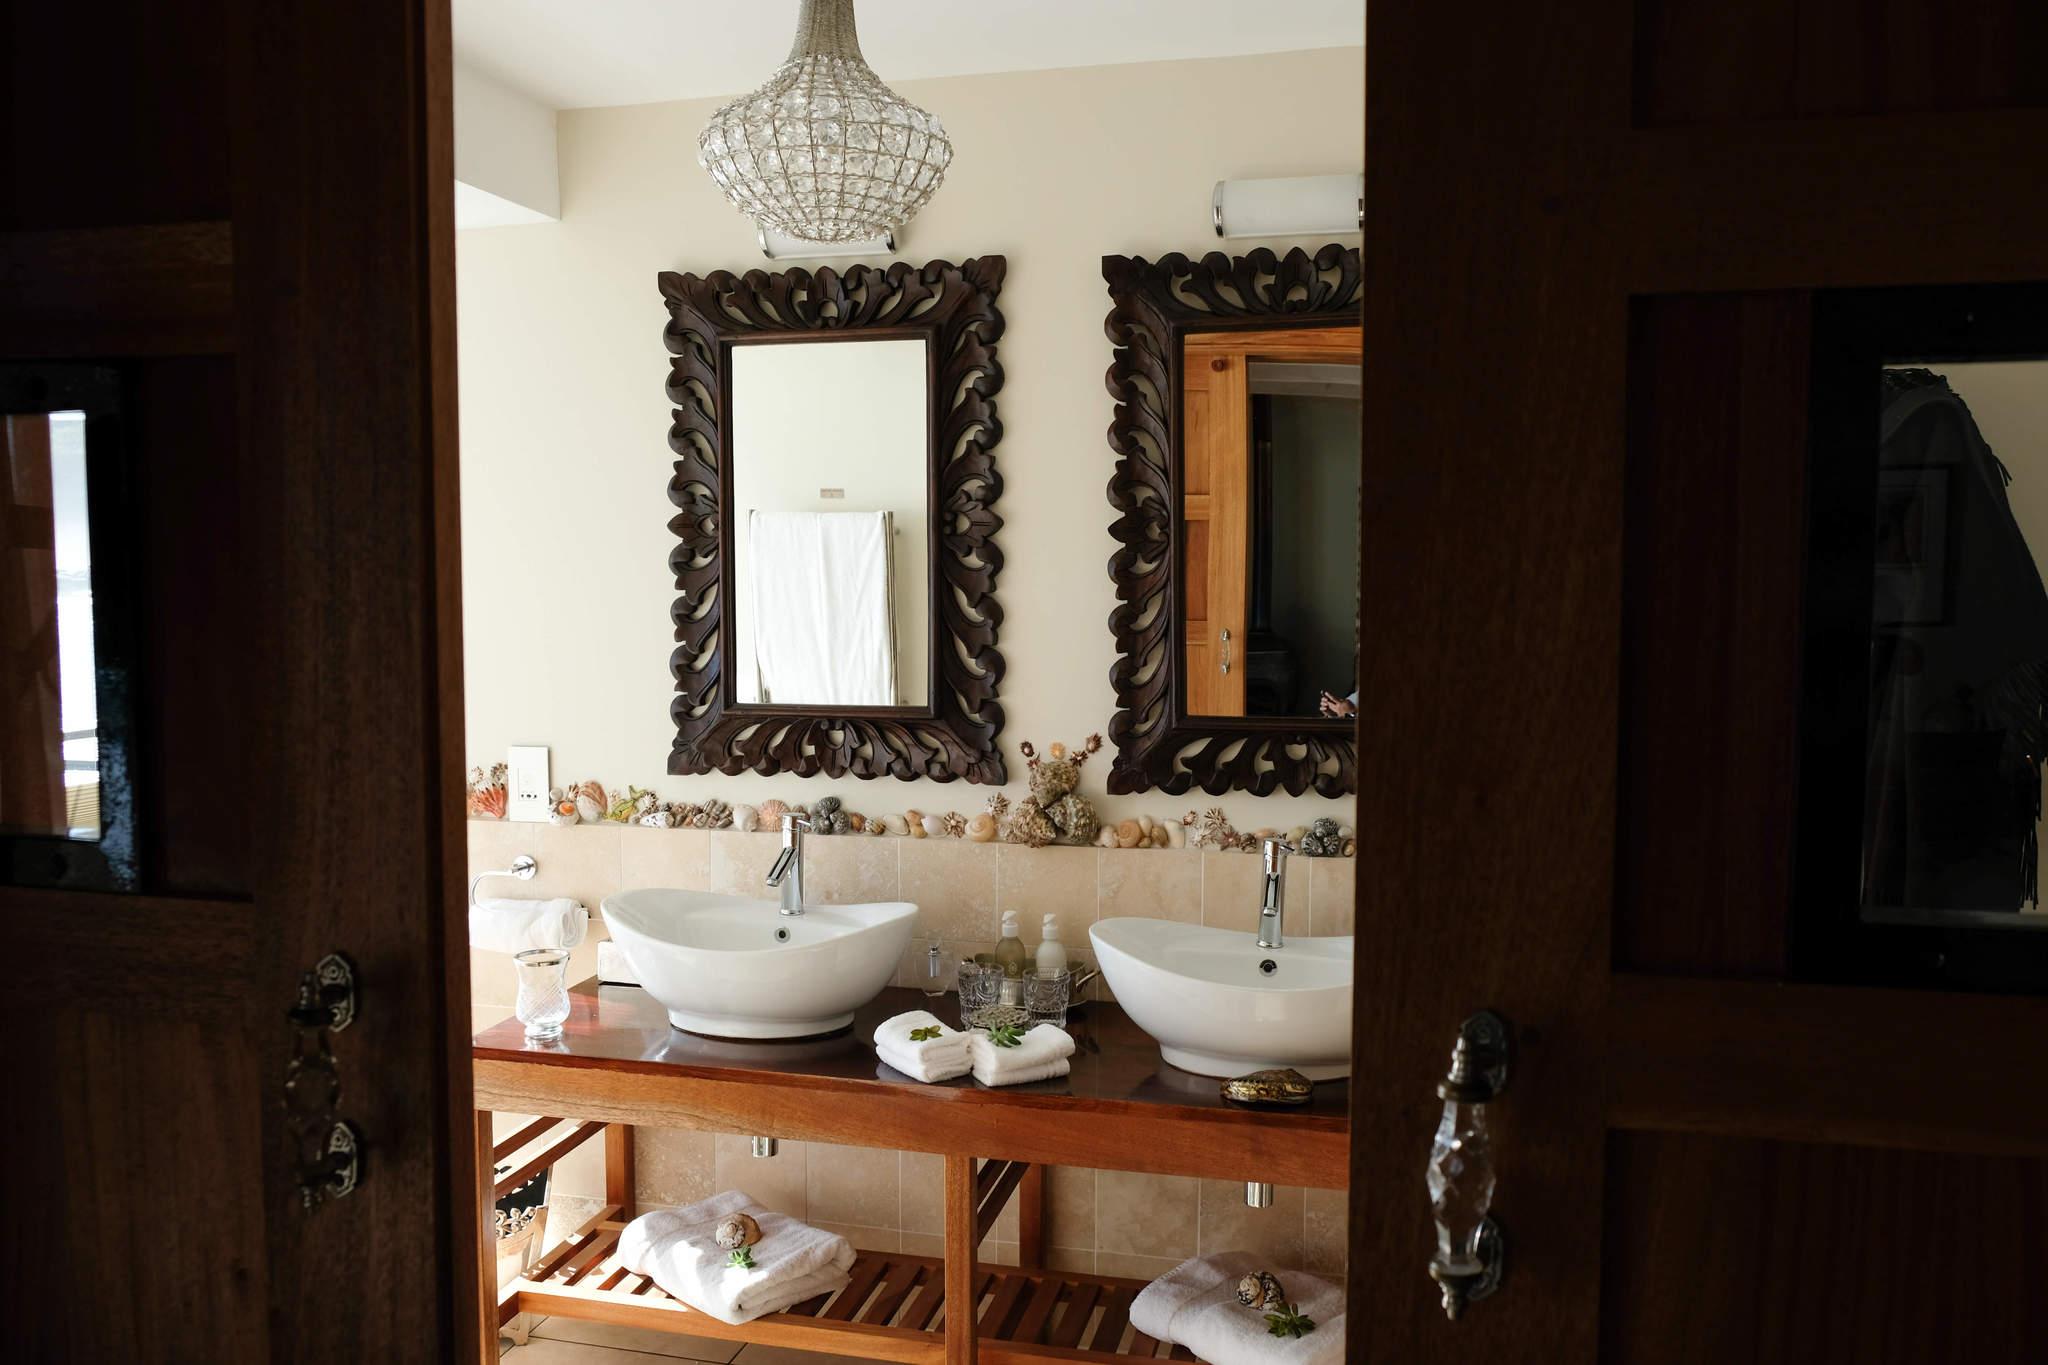 Tintswalo Bathroom